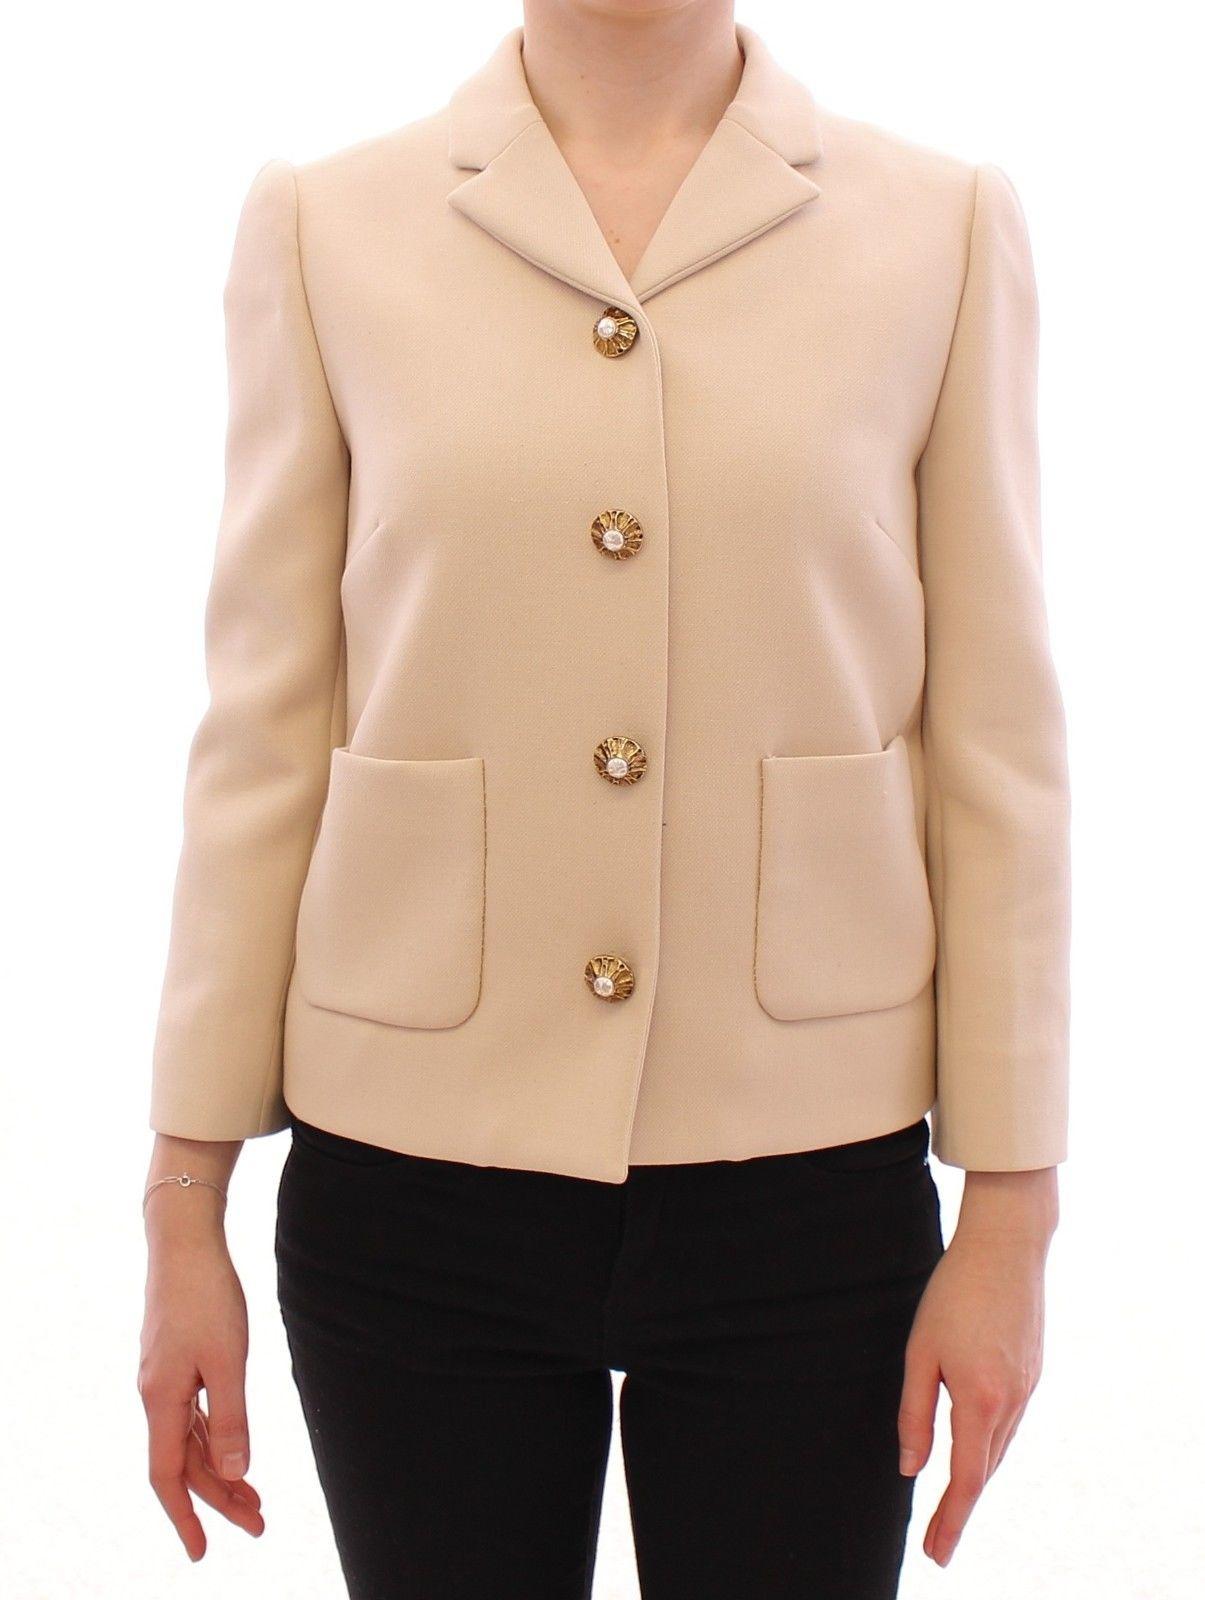 Dolce & Gabbana Women's Wool Pearl Button Jacket Beige GSD13667 - IT40